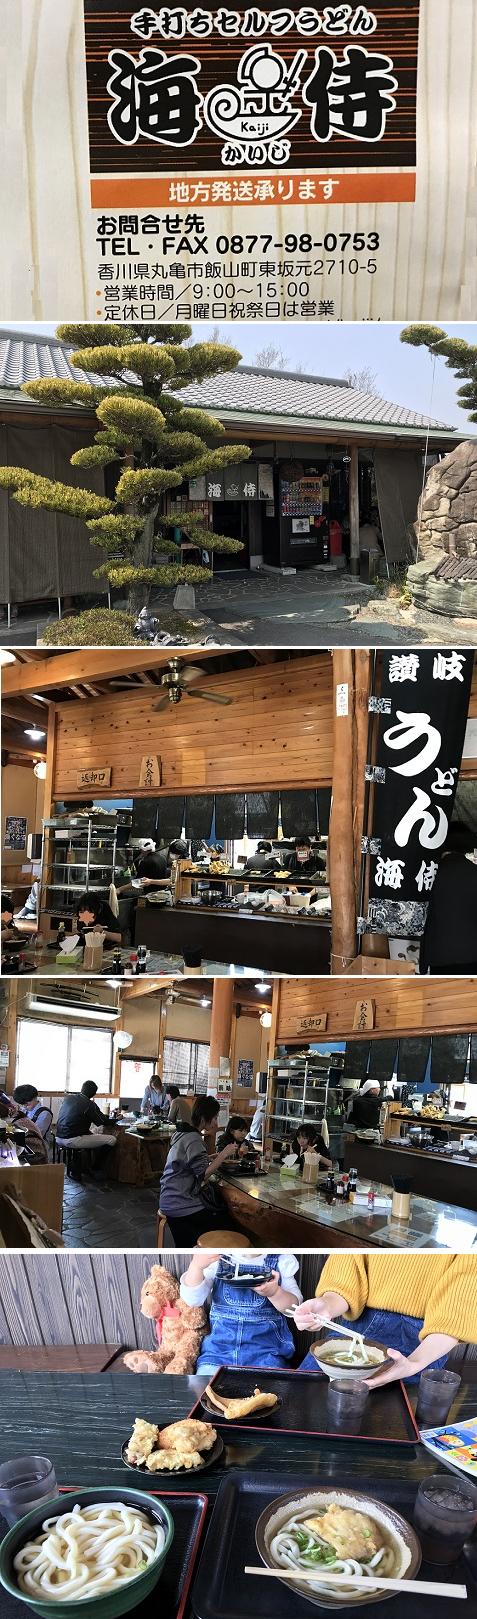 20180325海侍1